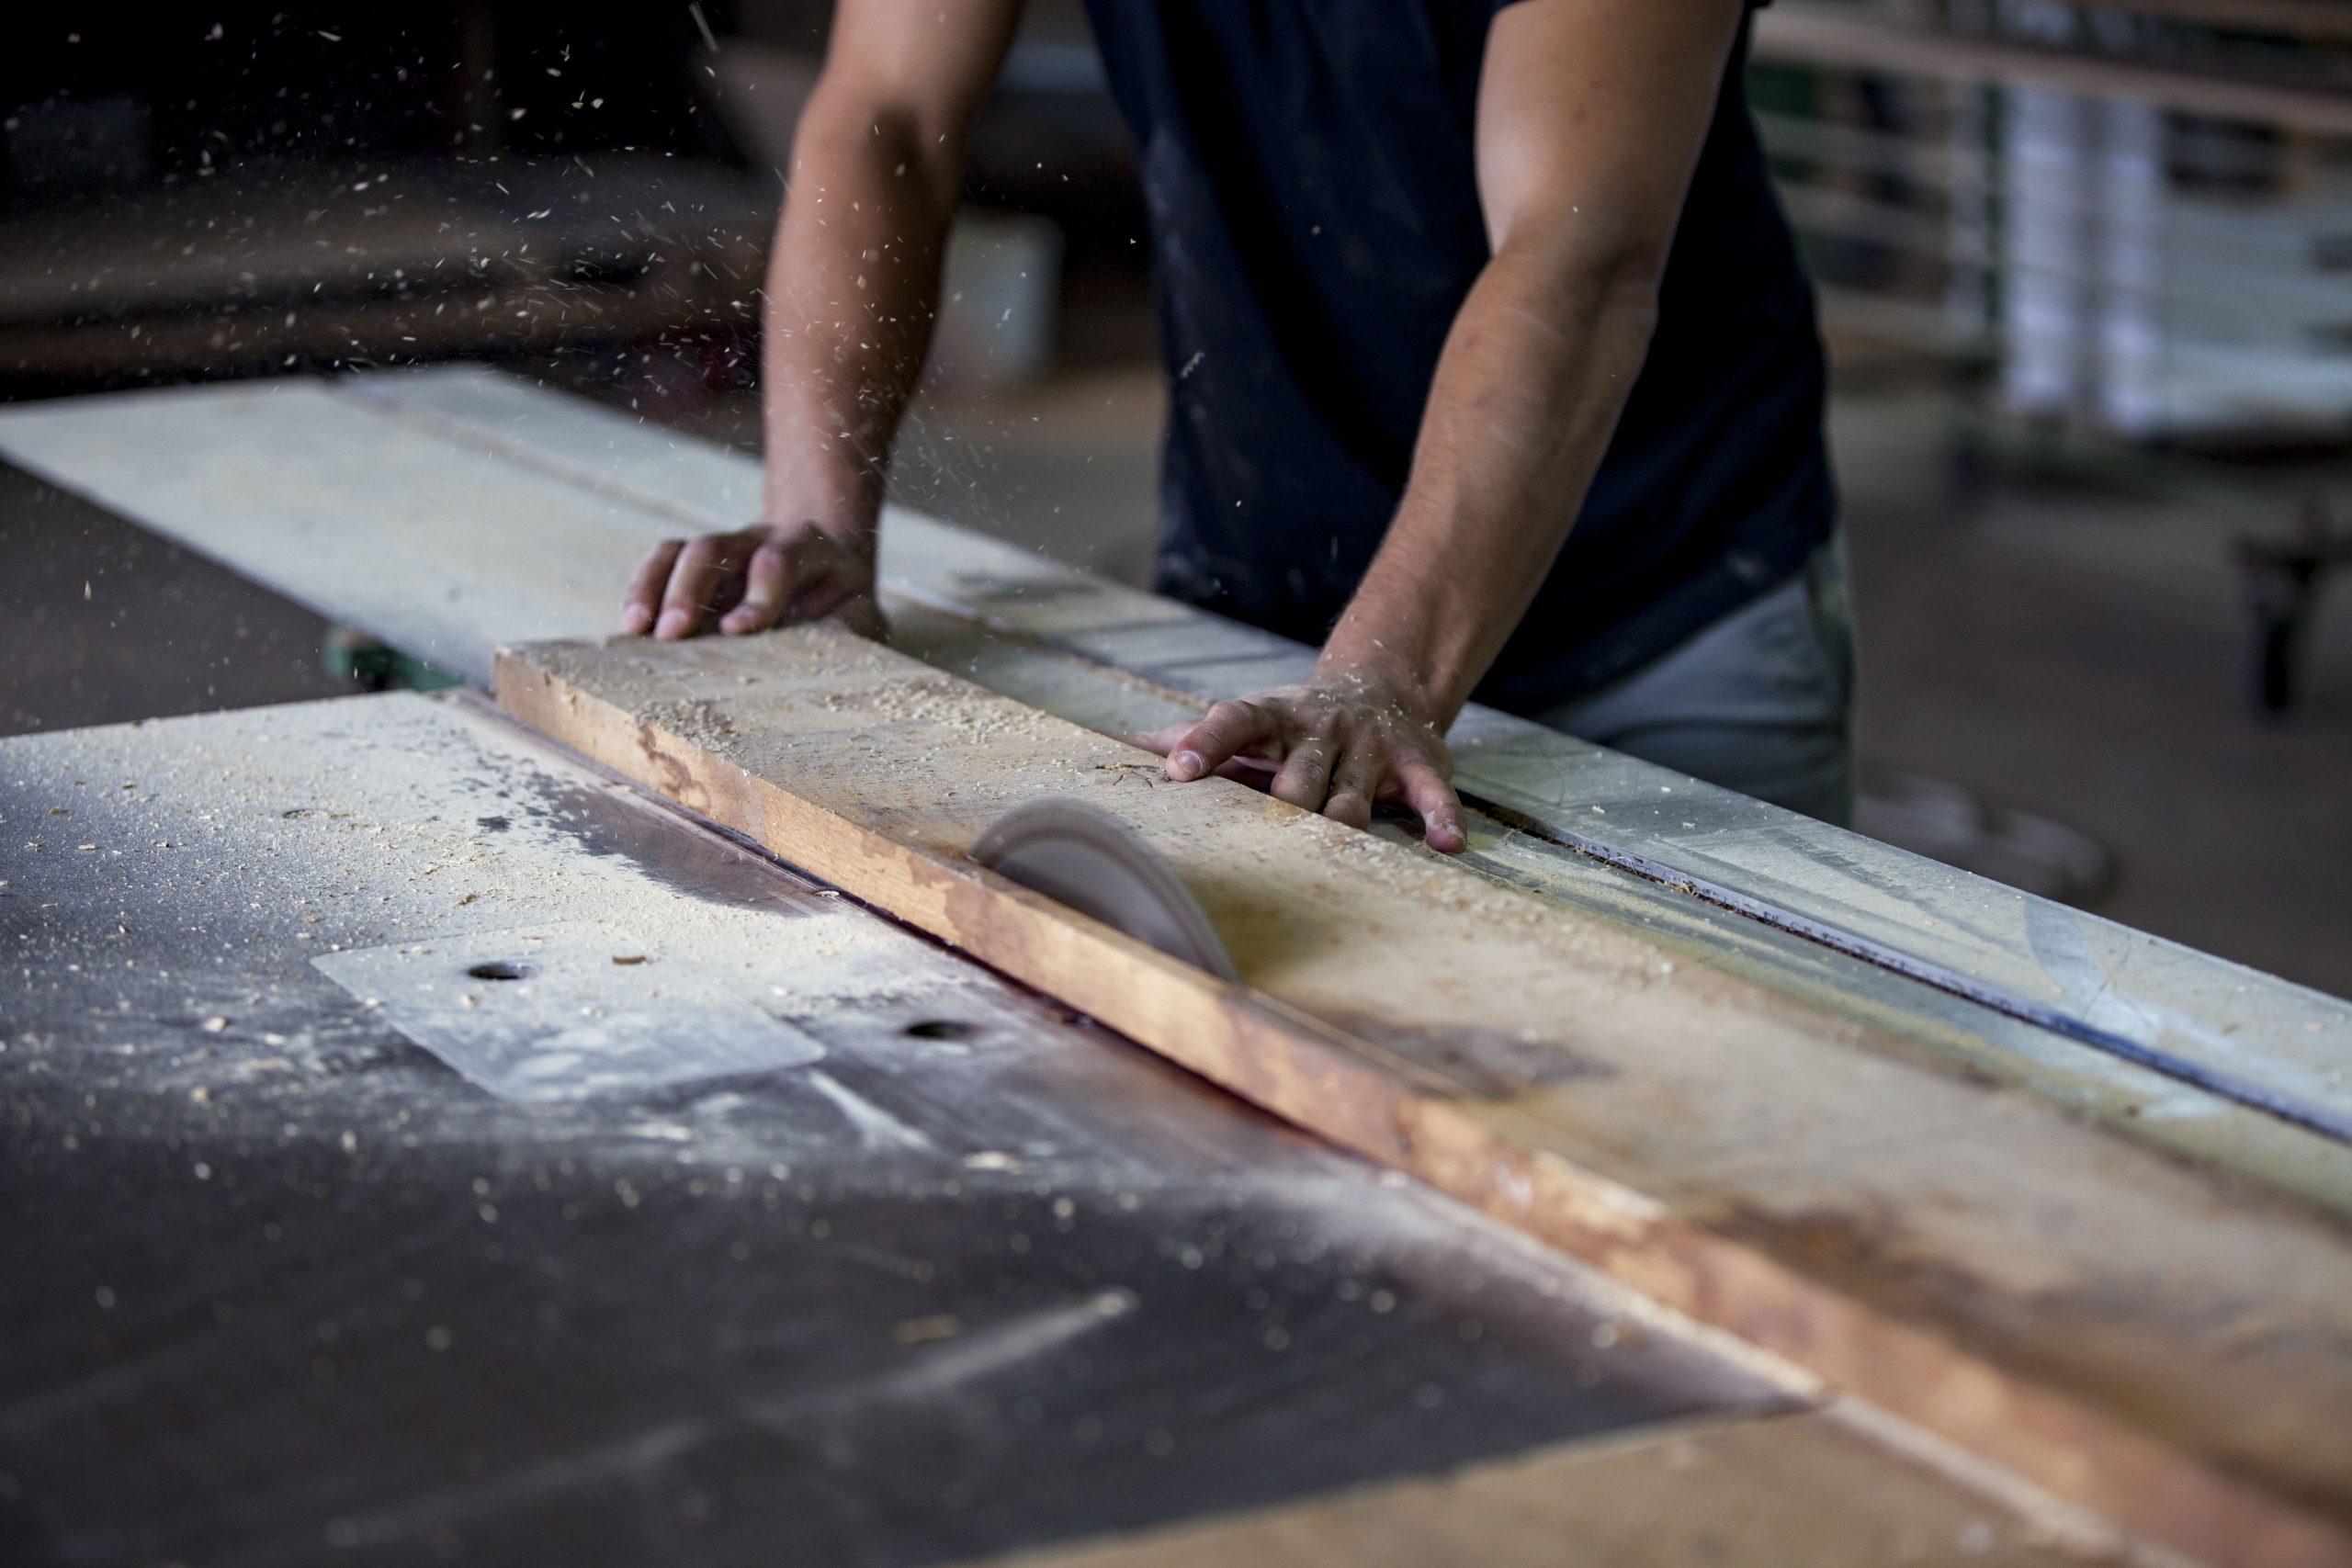 Atelier Auneau - Détail de sciage à l'atelier